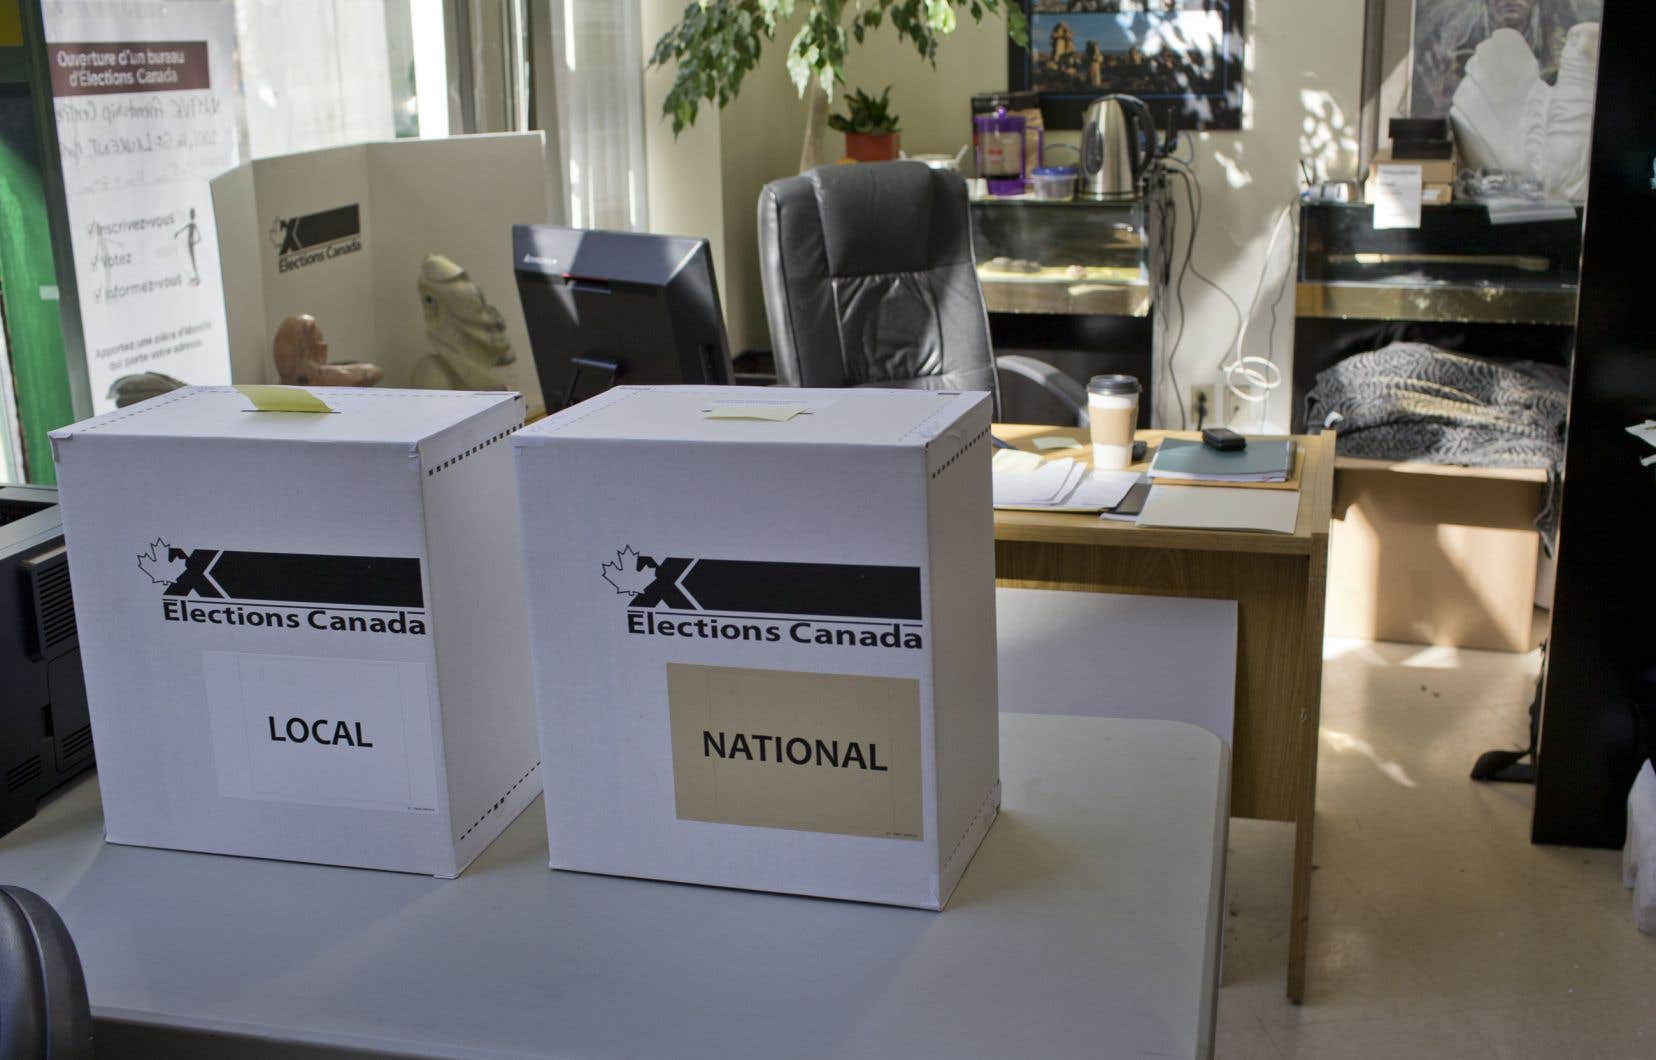 «L'héritage de Stephen Harper est encore mal compris sous plusieurs aspects, mais on doit au minimum reconnaître son apport essentiel à la création d'une vraie option de gouvernement à la droite du PLC», estime l'auteur.